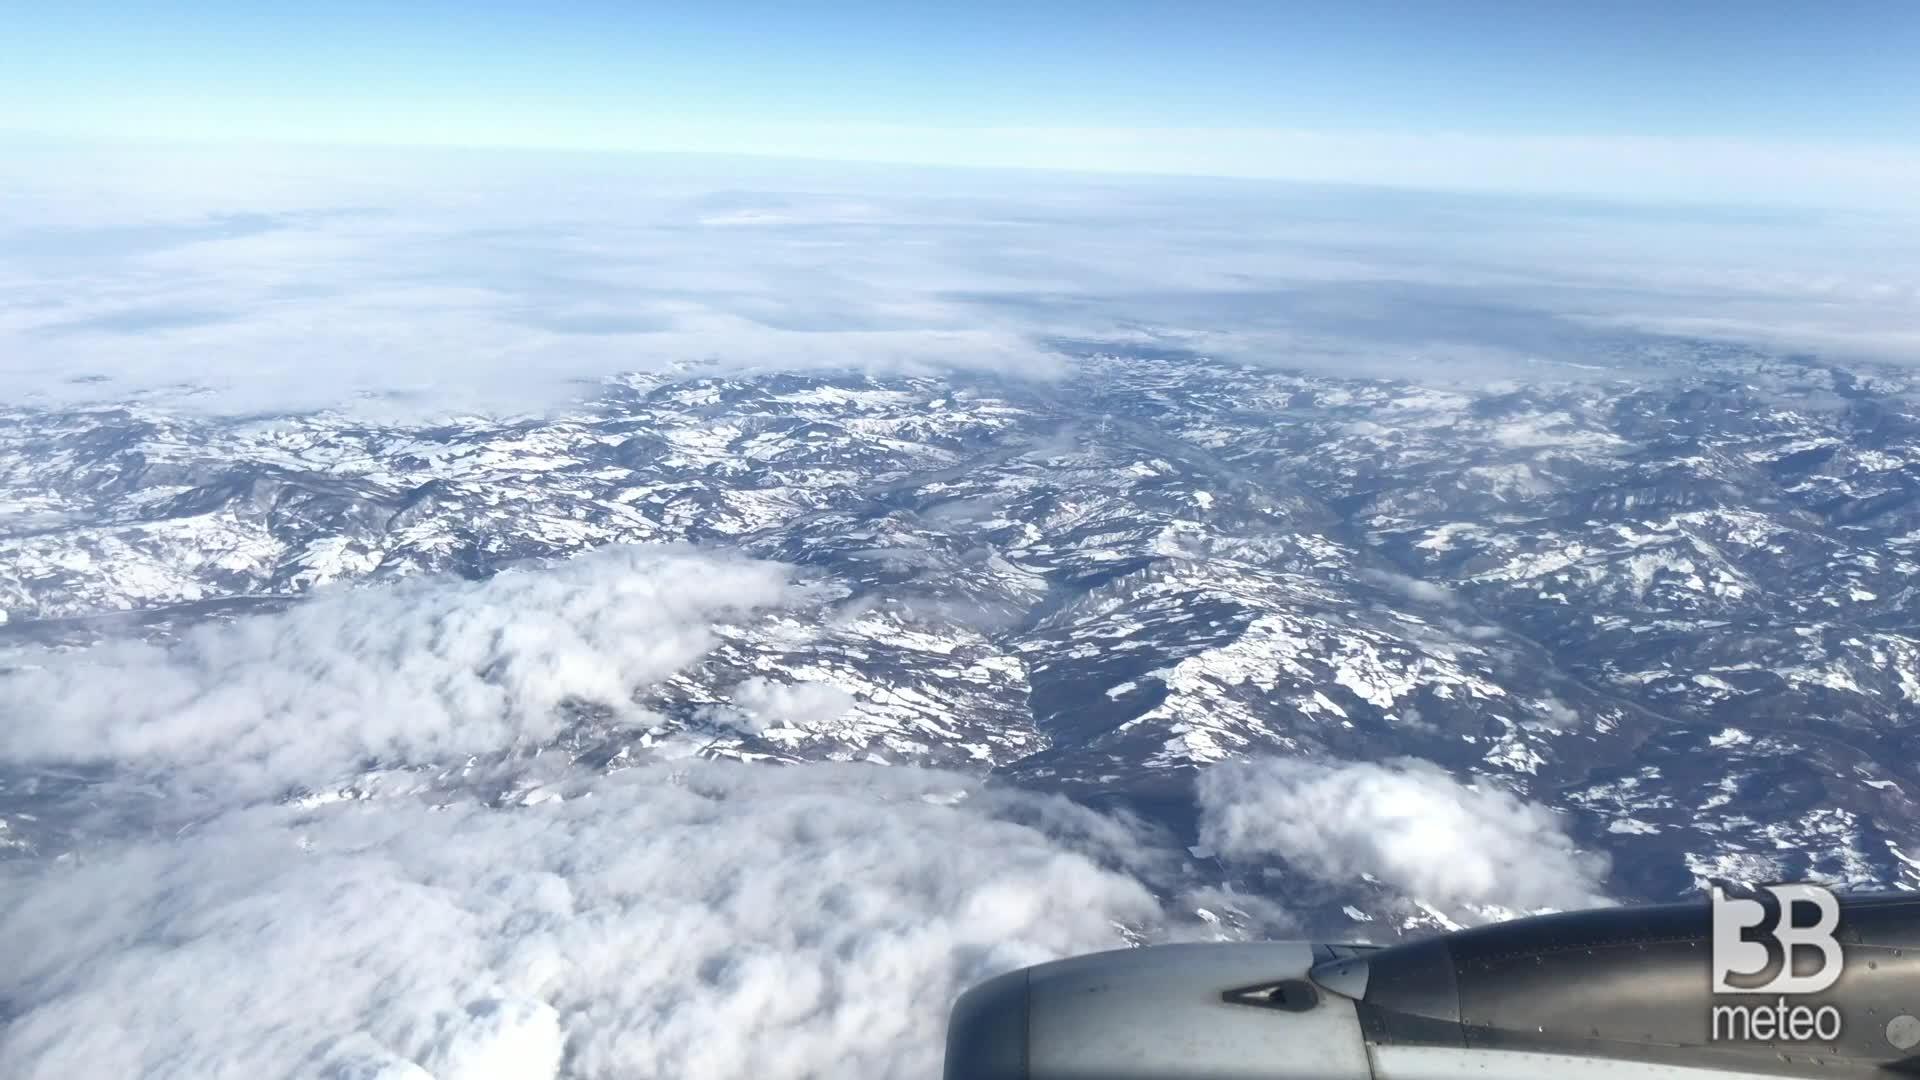 Il paesaggio innevato: le immagini dall'aereo